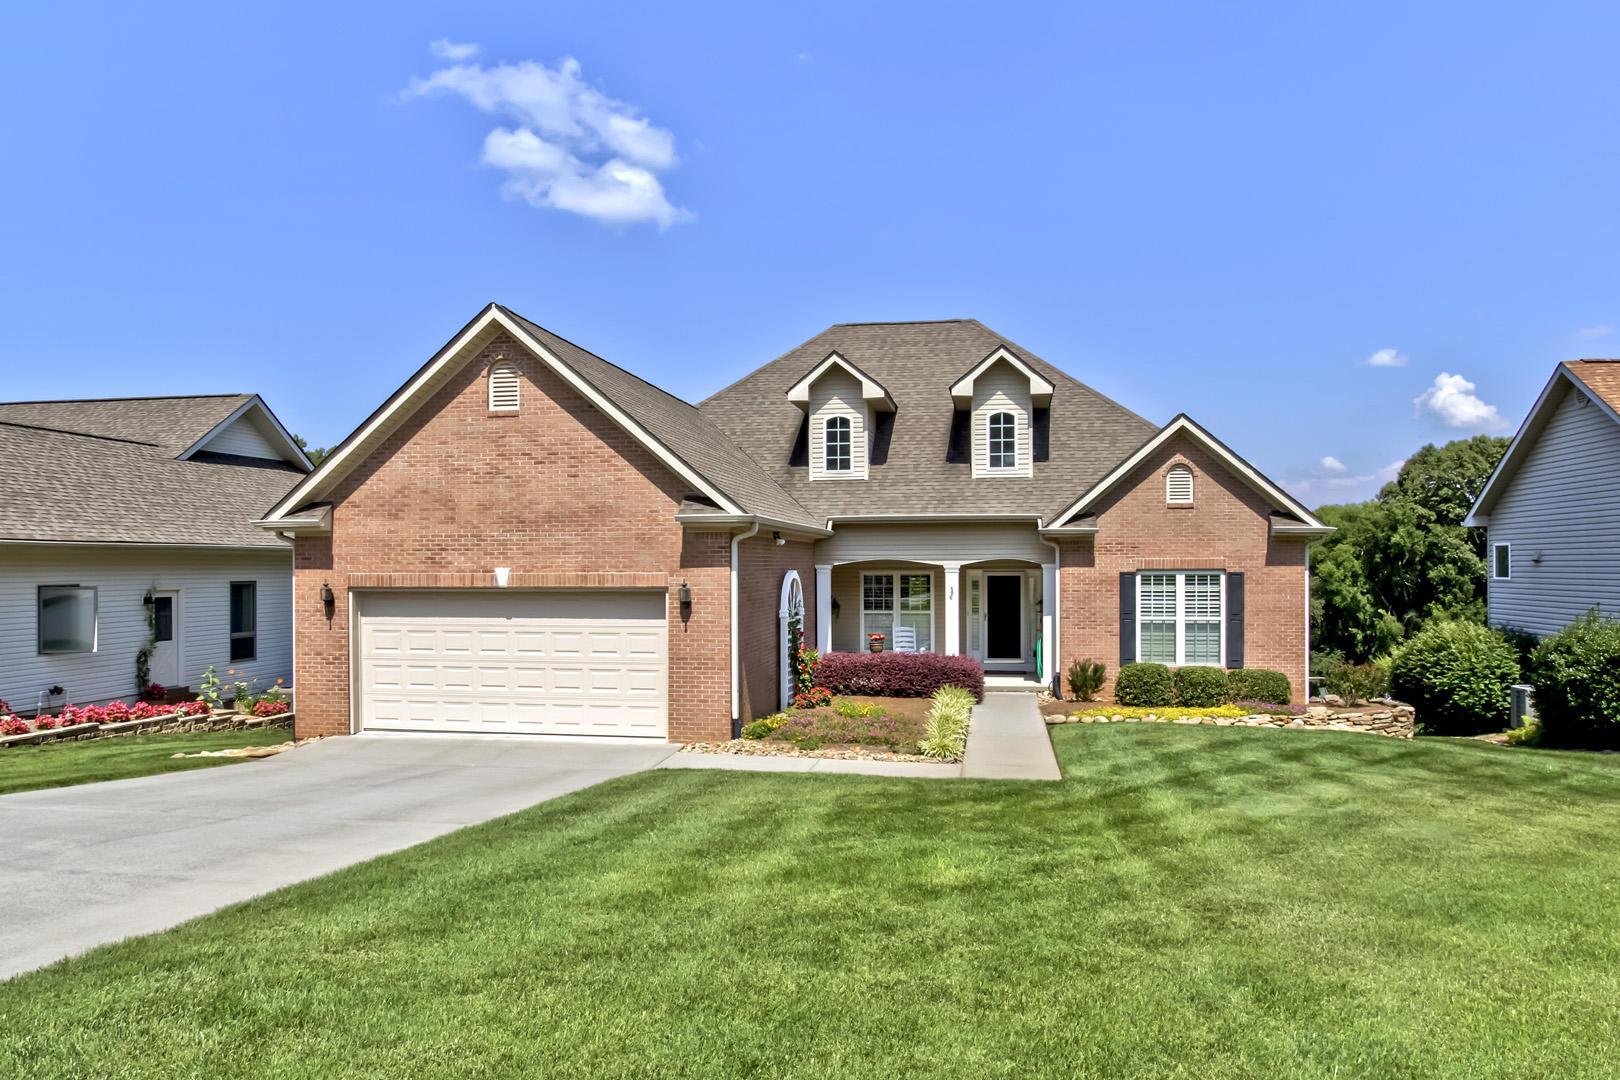 217 Tuhdegwa, Loudon, Tennessee, United States 37774, 4 Bedrooms Bedrooms, ,2 BathroomsBathrooms,Single Family,For Sale,Tuhdegwa,1122453